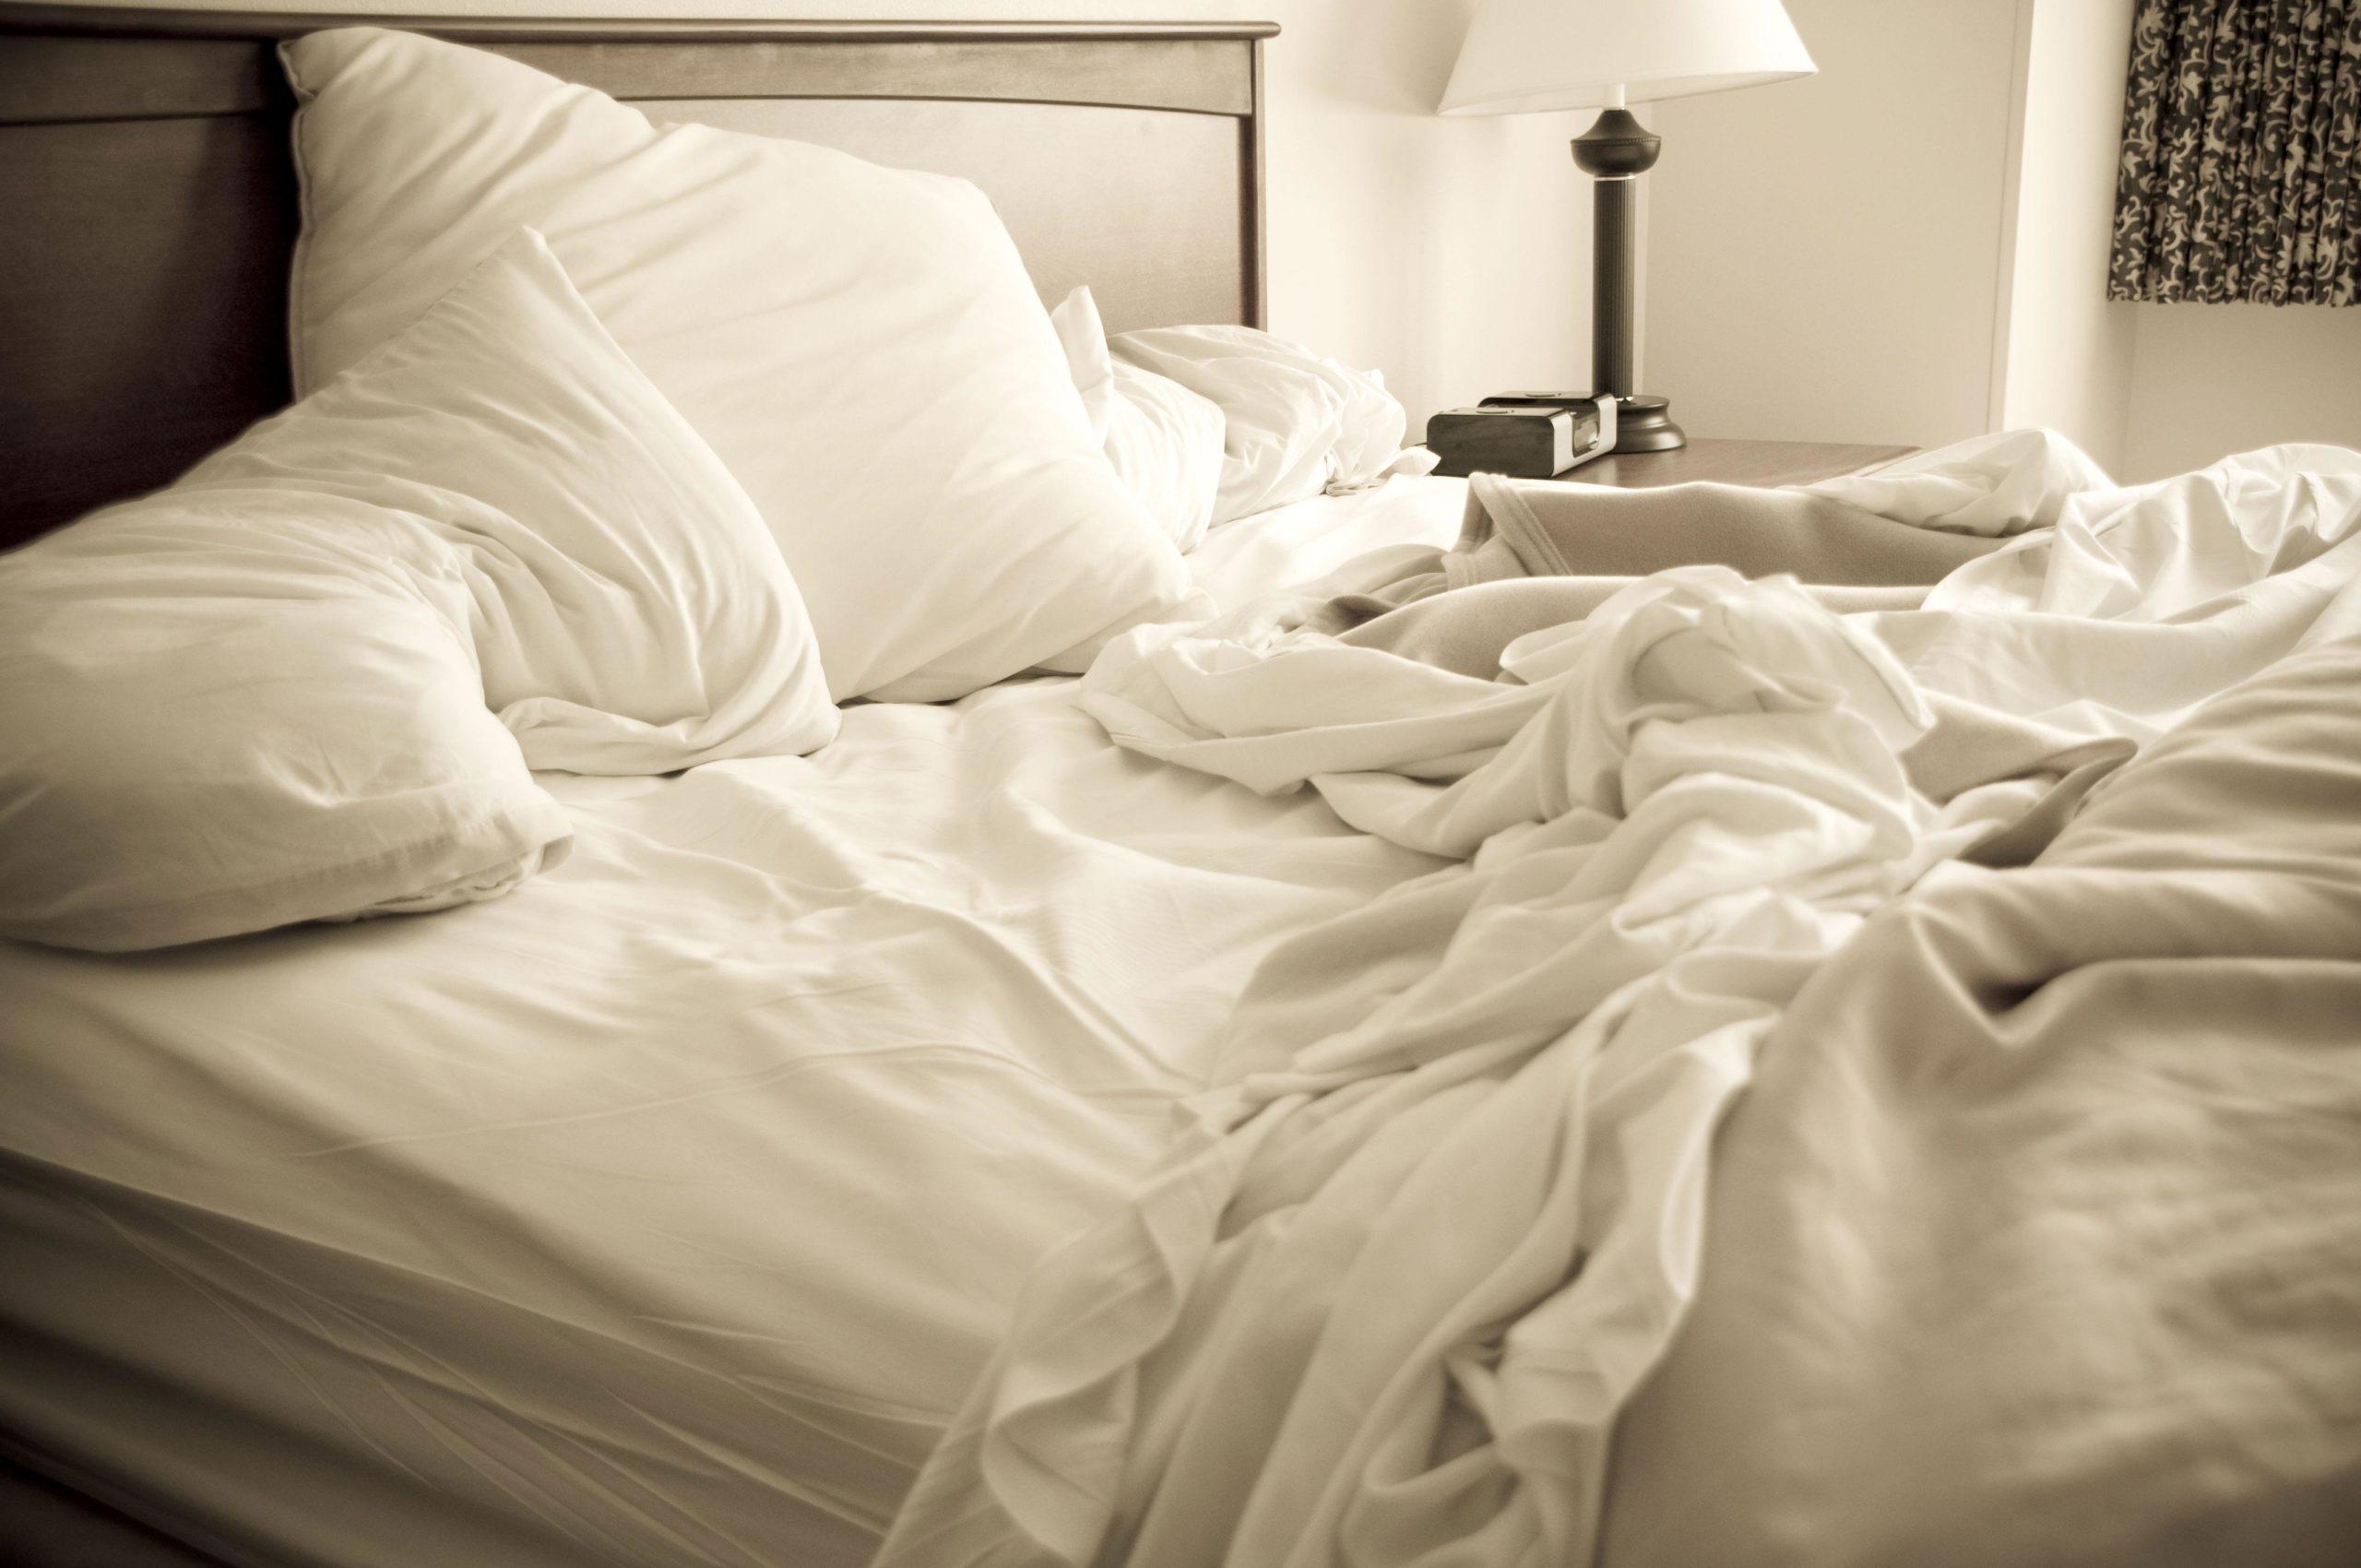 постель незаправленная